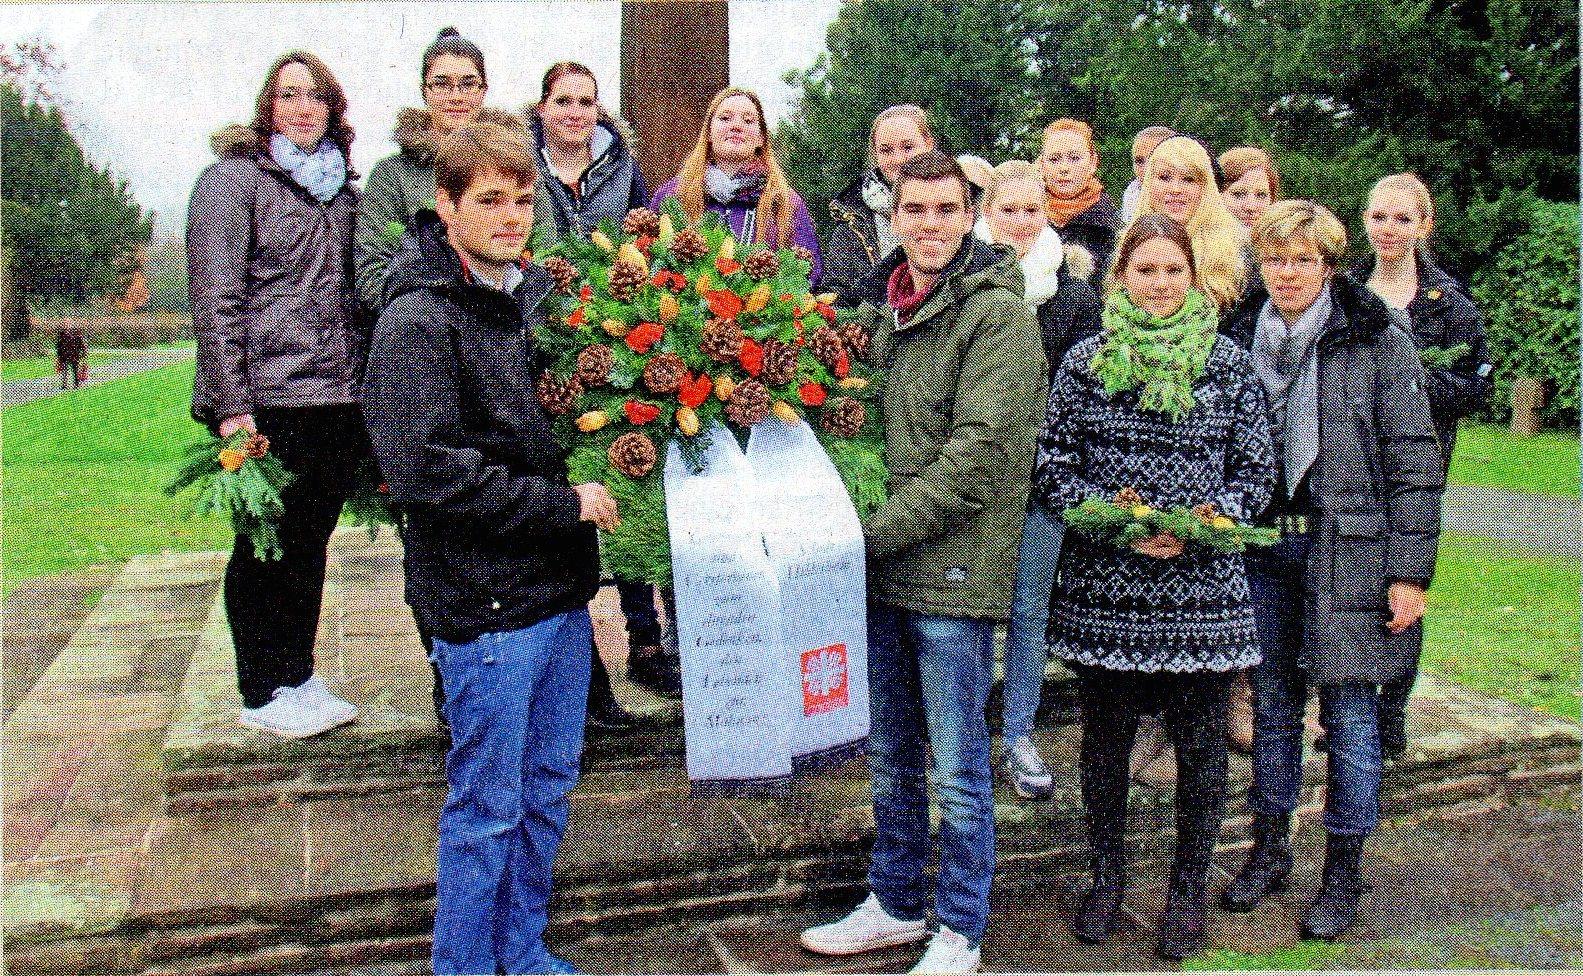 Schüler der Elisabeth-von-Rantzau-Schule legen Kranz nieder